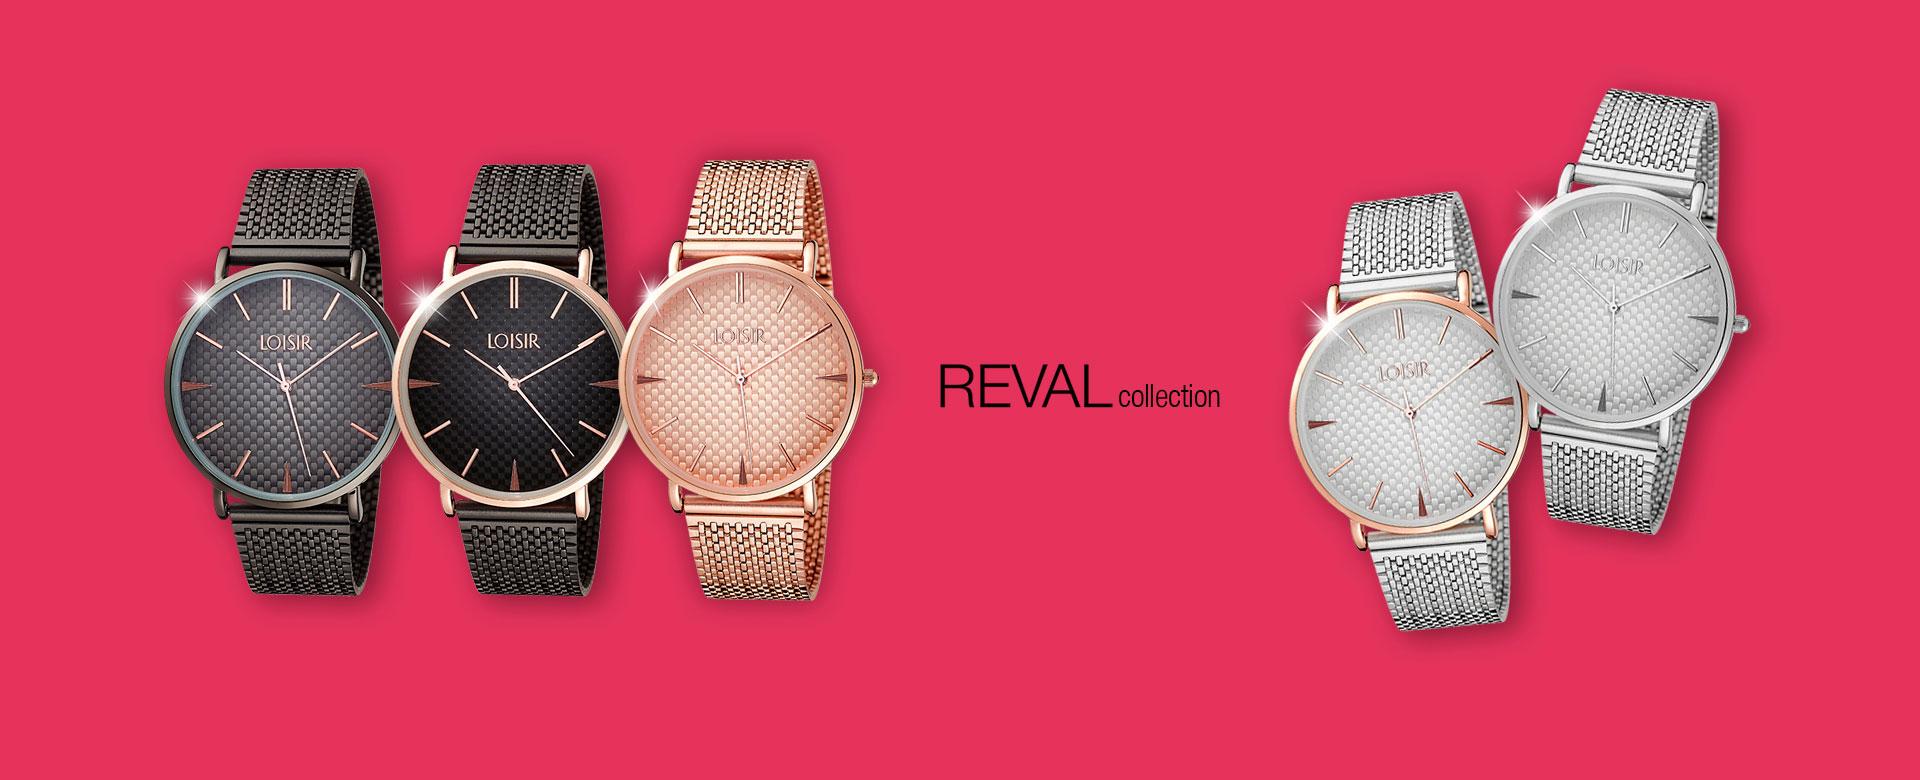 Watches Summer Sales - Loisir